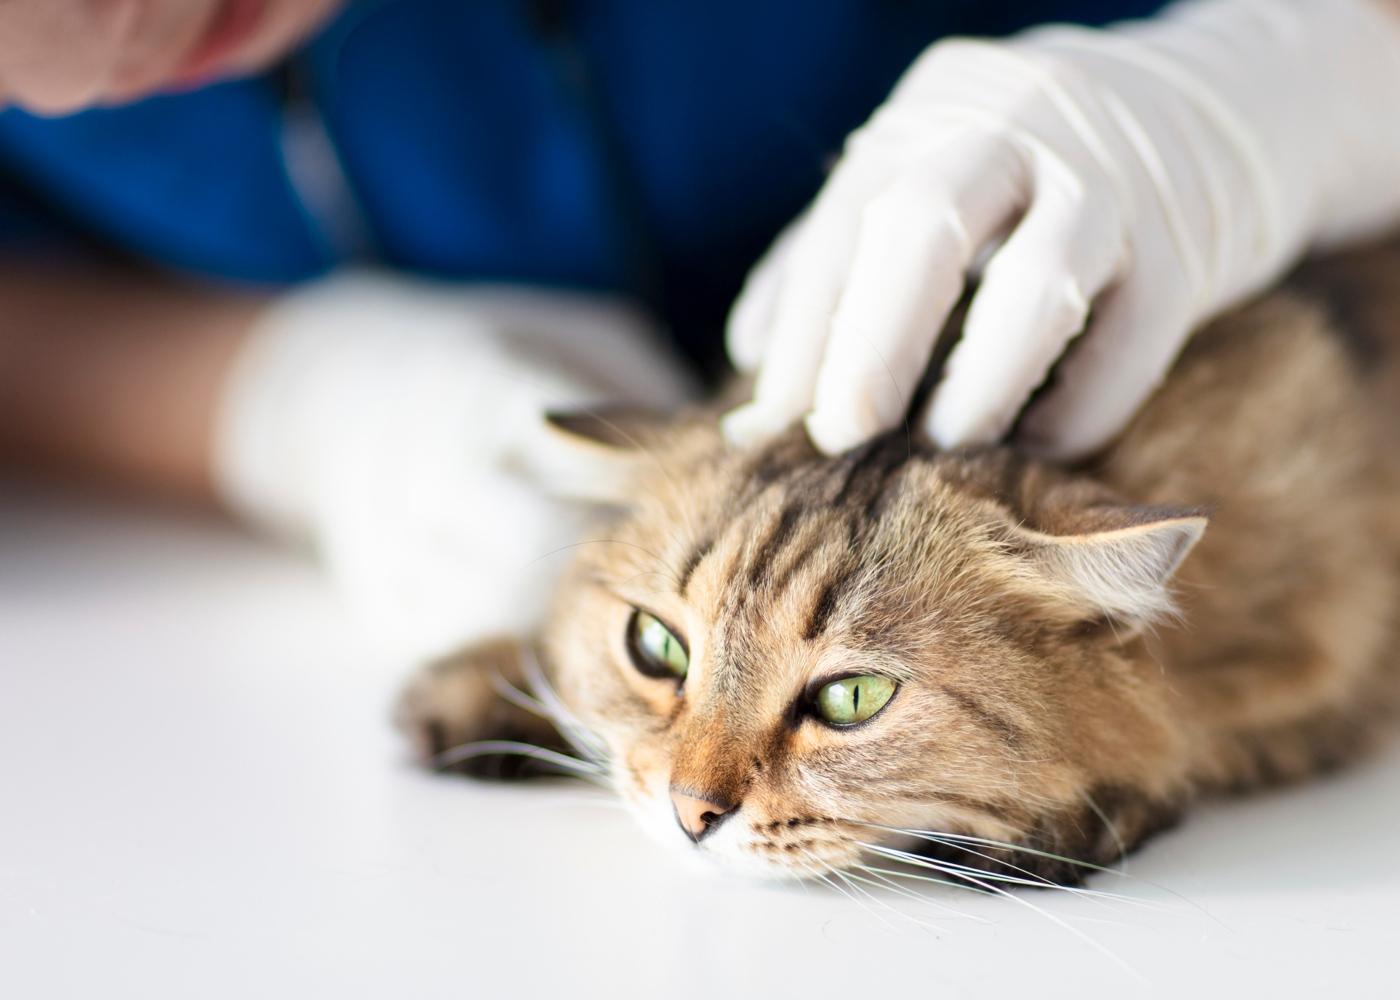 Gato a ser tratado pelo médico veterinário